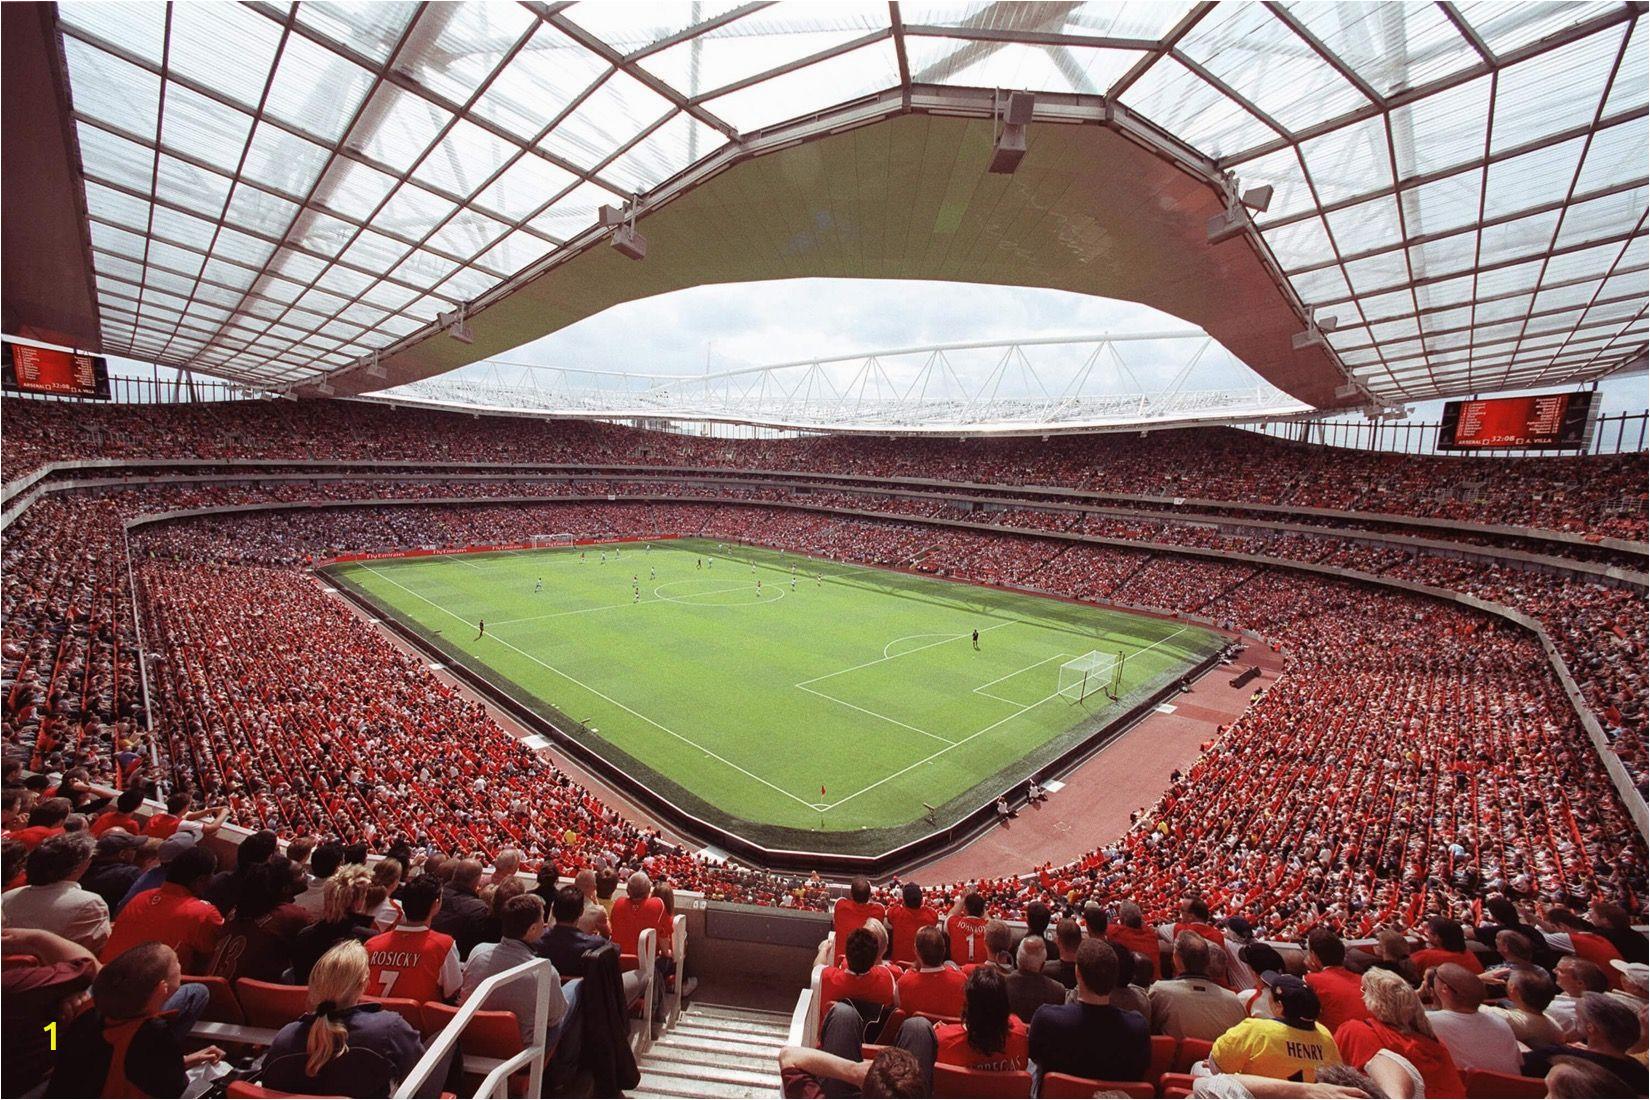 Ibrox Stadium Wall Mural Emirates Stadium Arsenal Wall Mural